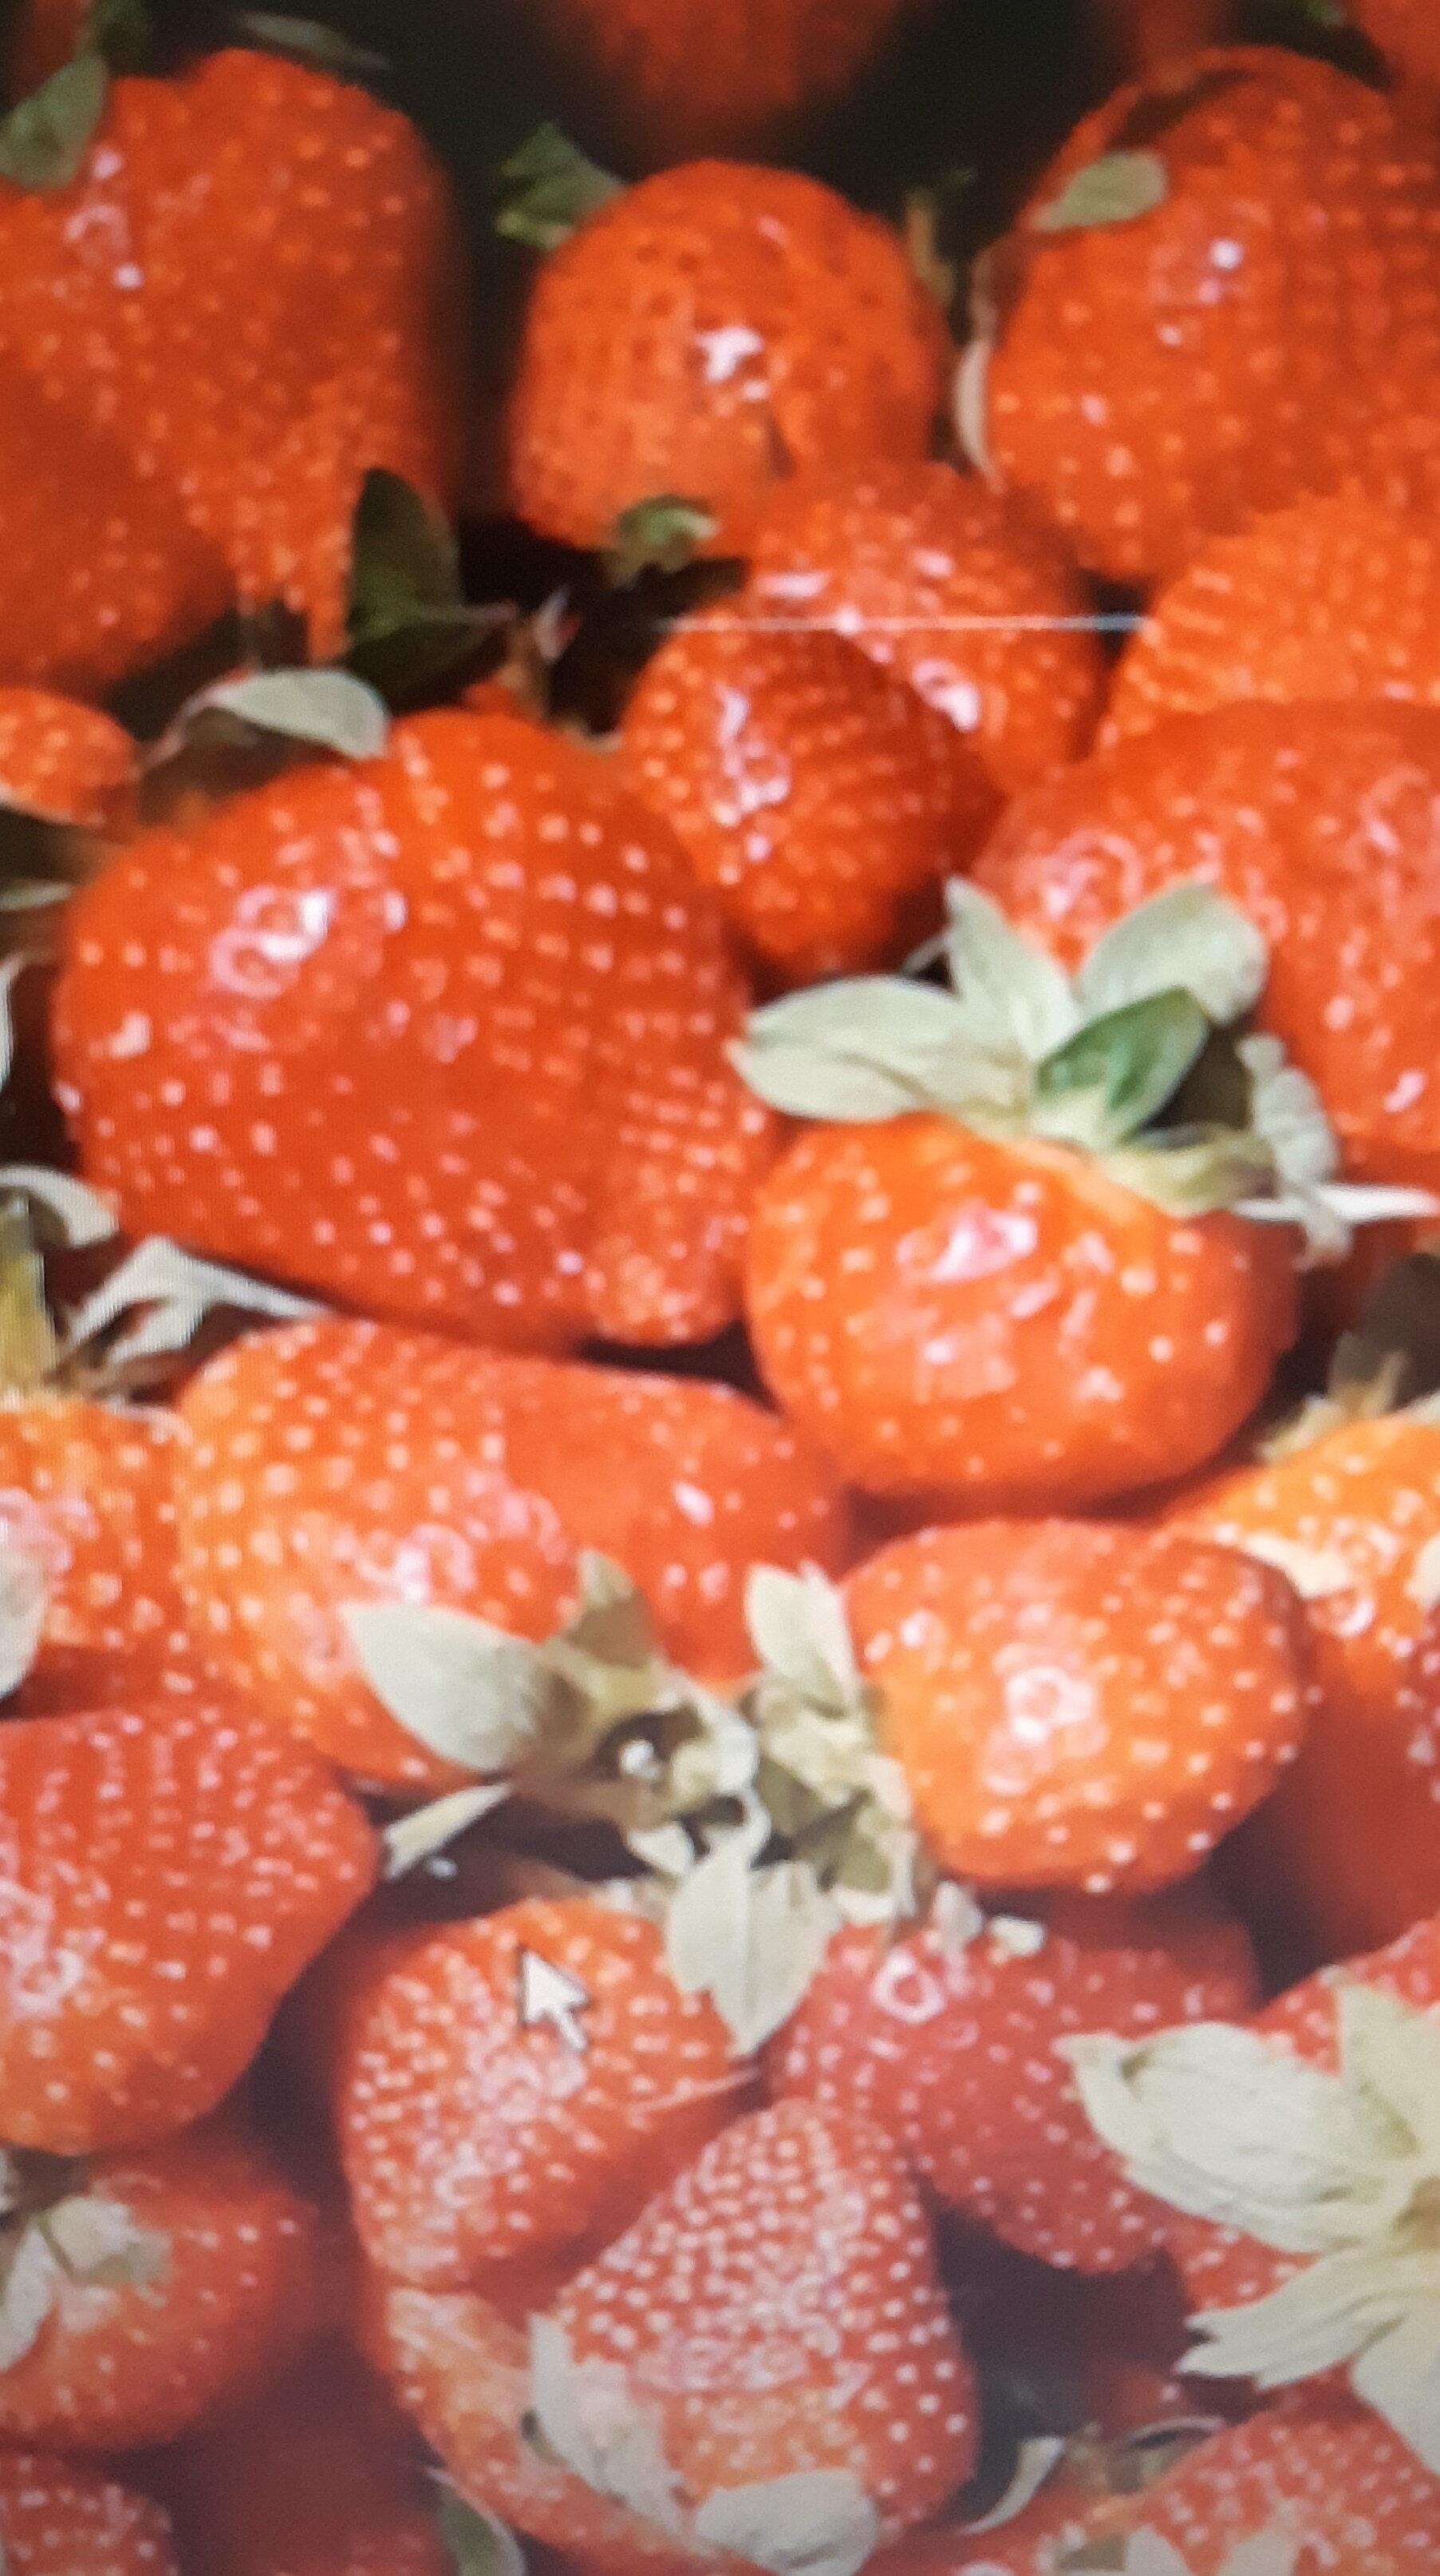 confiture de fraise du Burkina Faso - Product